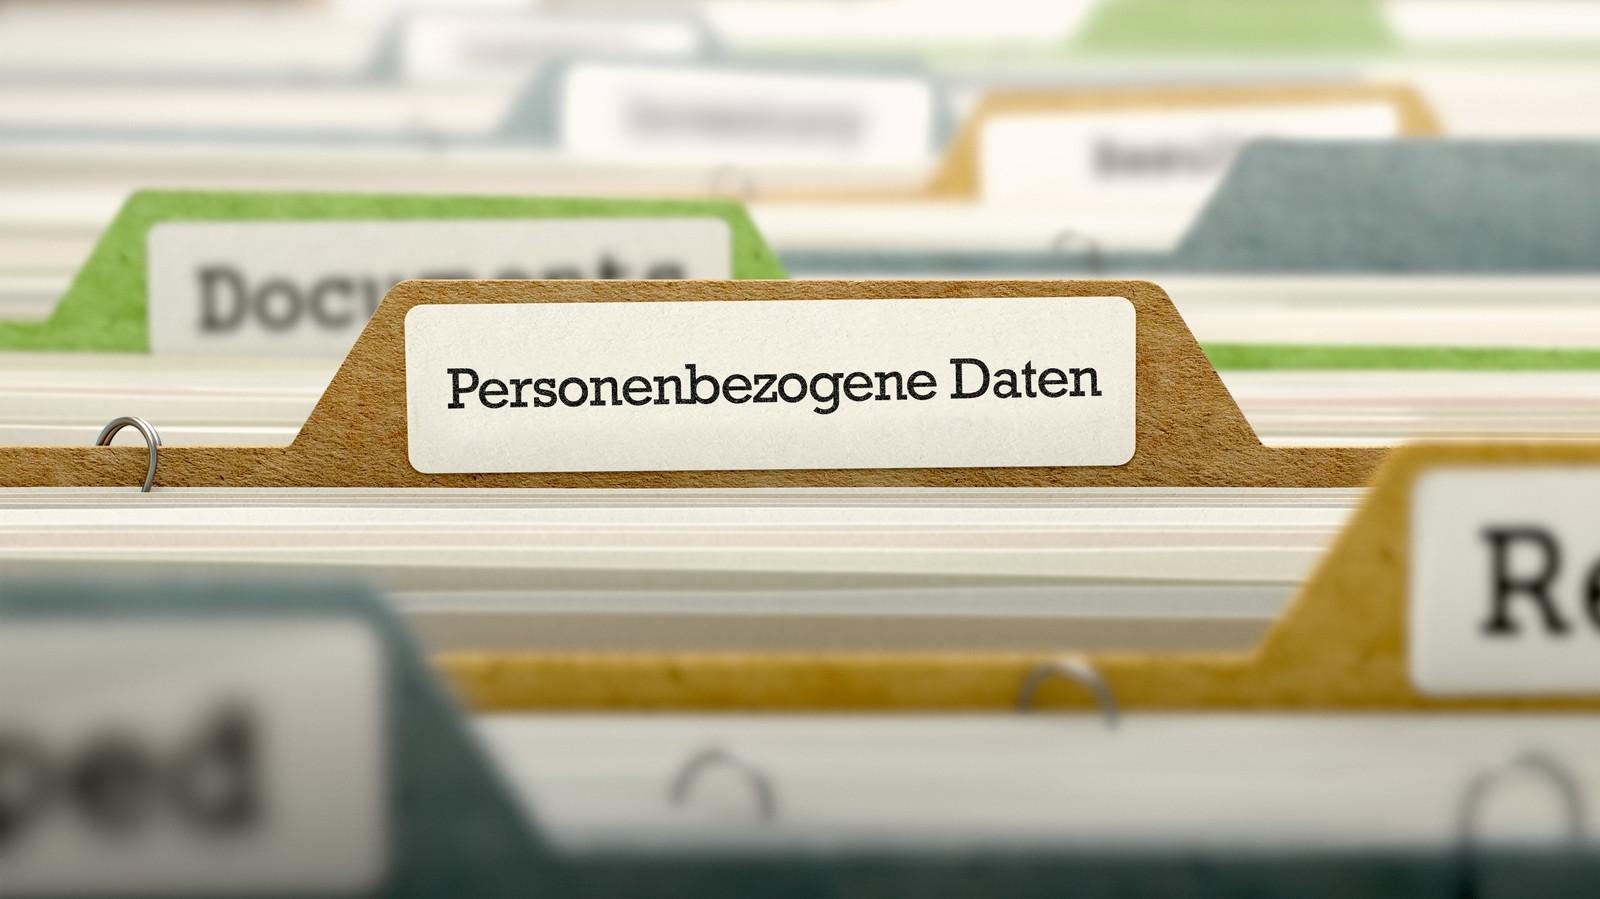 Mit der Datenschutz-Grundverordnung kommen zusätzliche Anforderungen an die Datenschutzerklärung auf der Website.